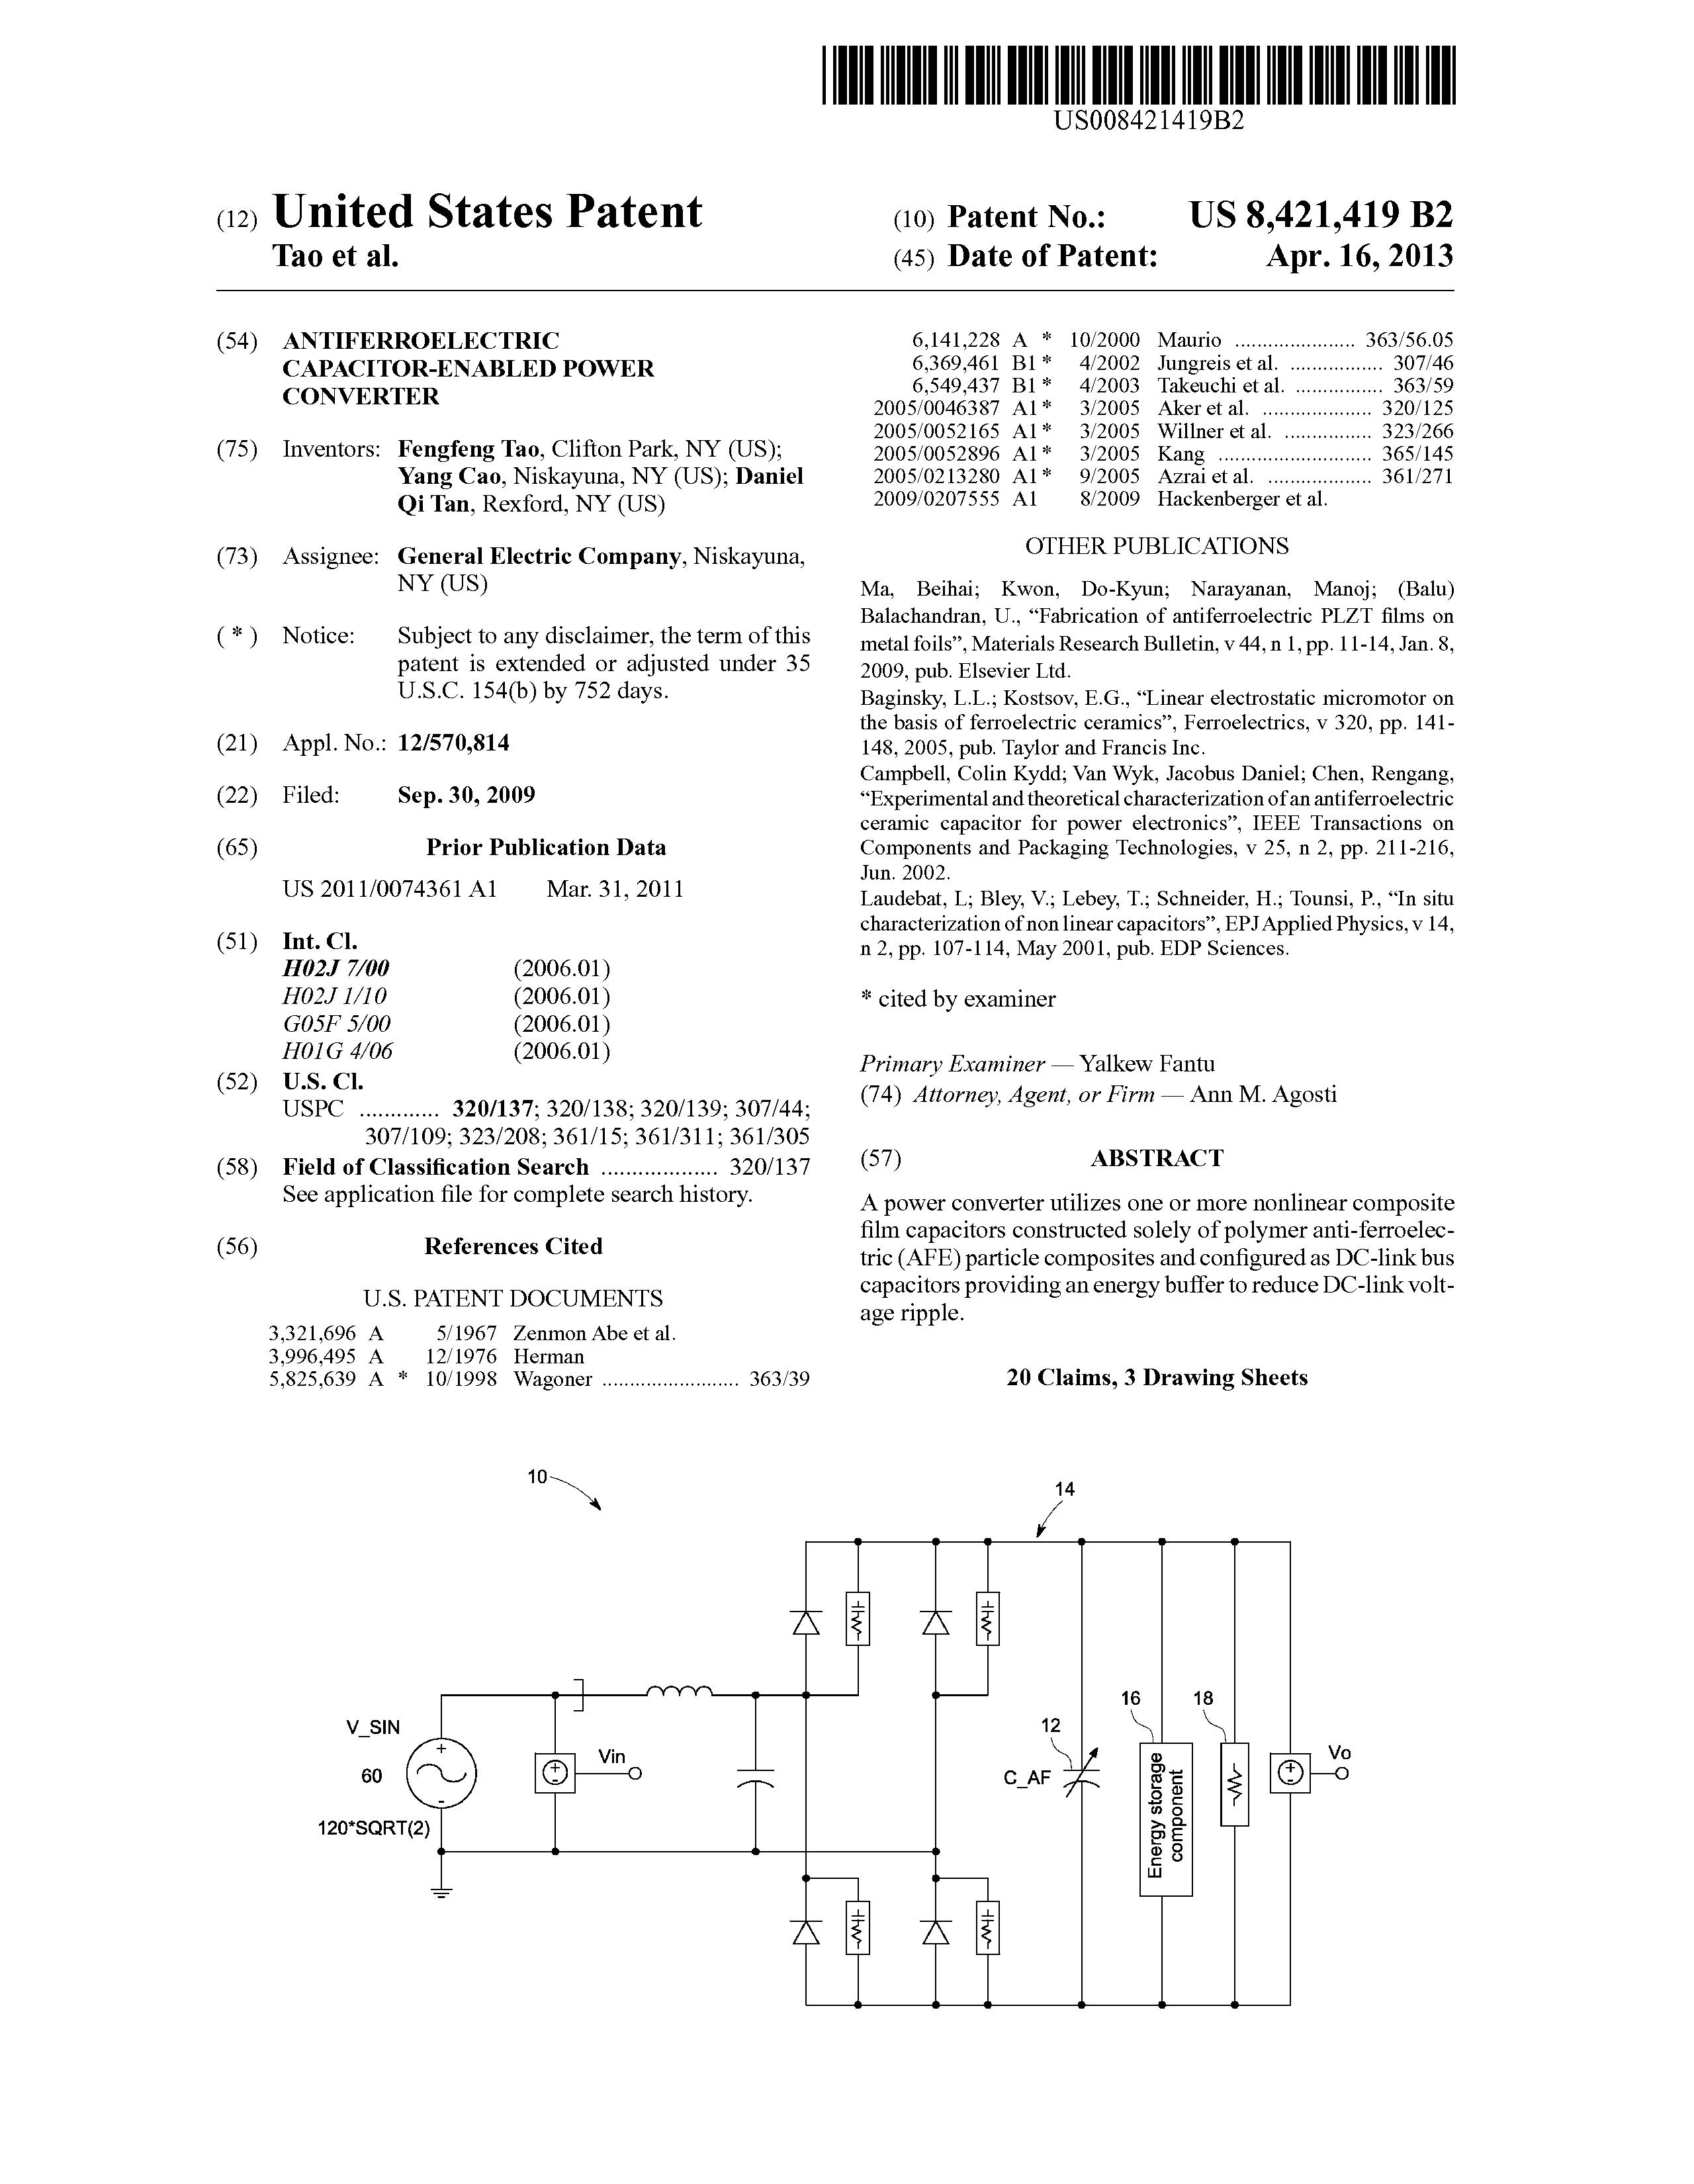 US 8421419 B2 - Antiferroelectric Capacitor-enabled Power